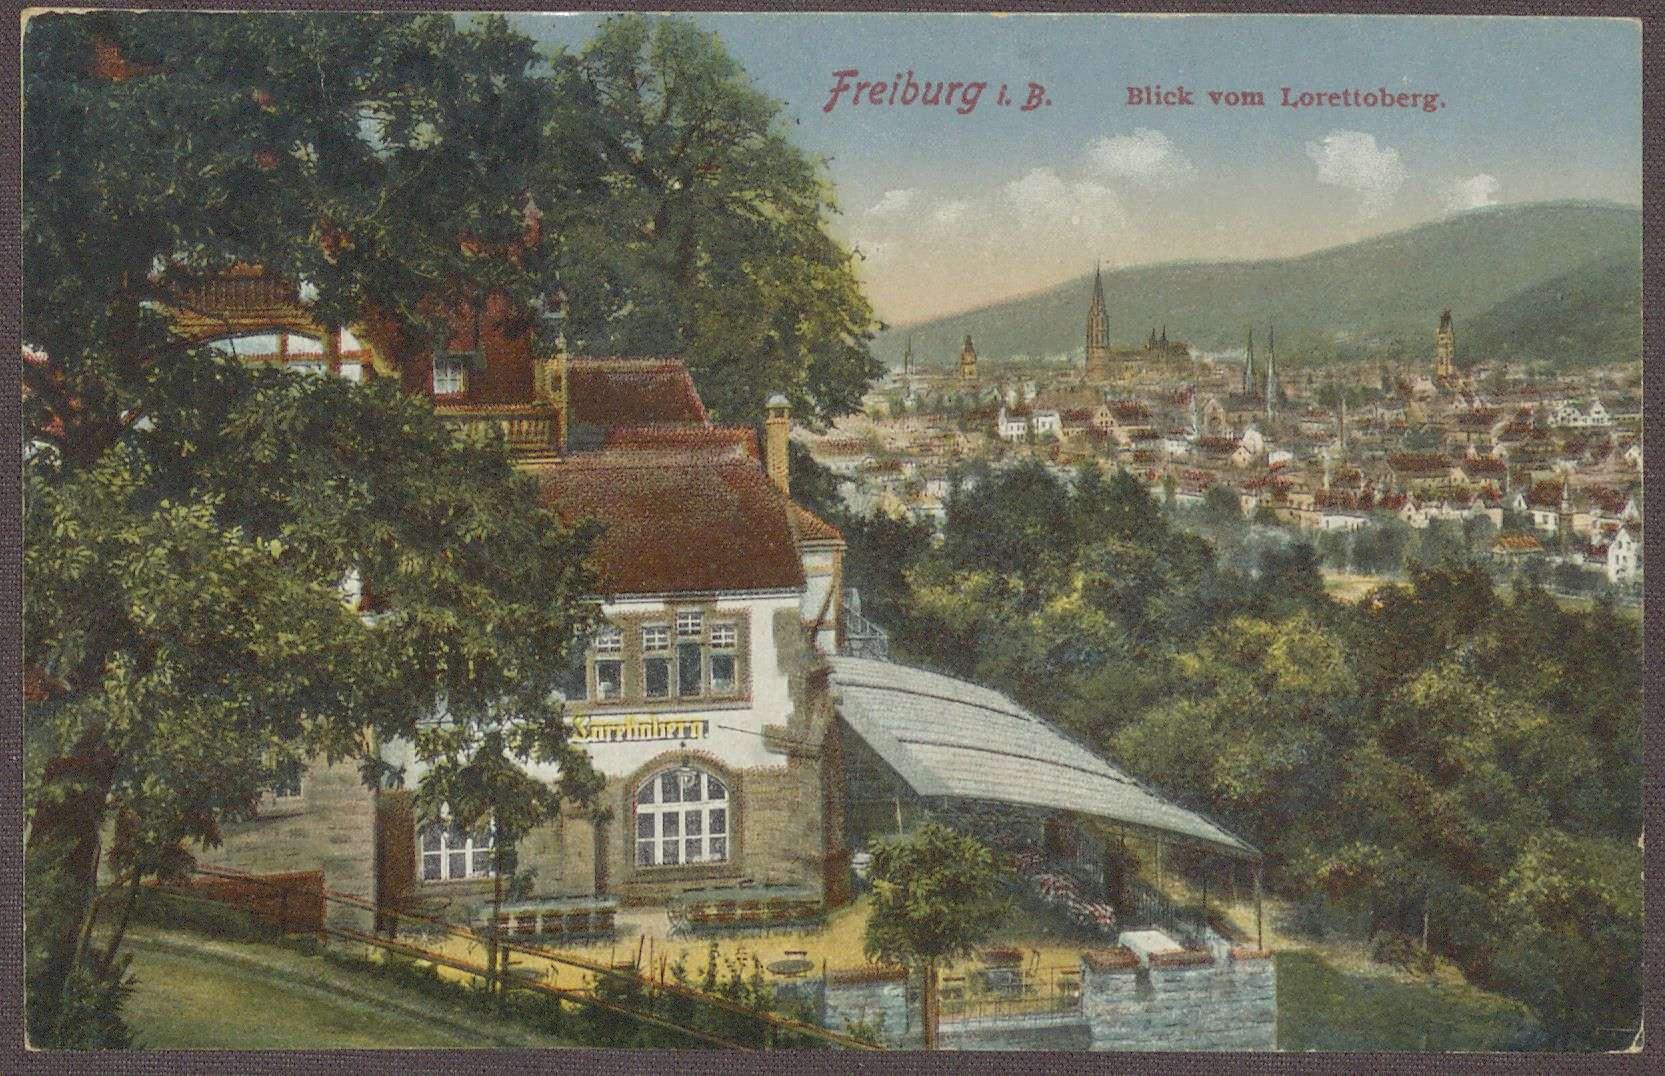 Postkarte an Marie von Bayer, Rorschach, Bild 2